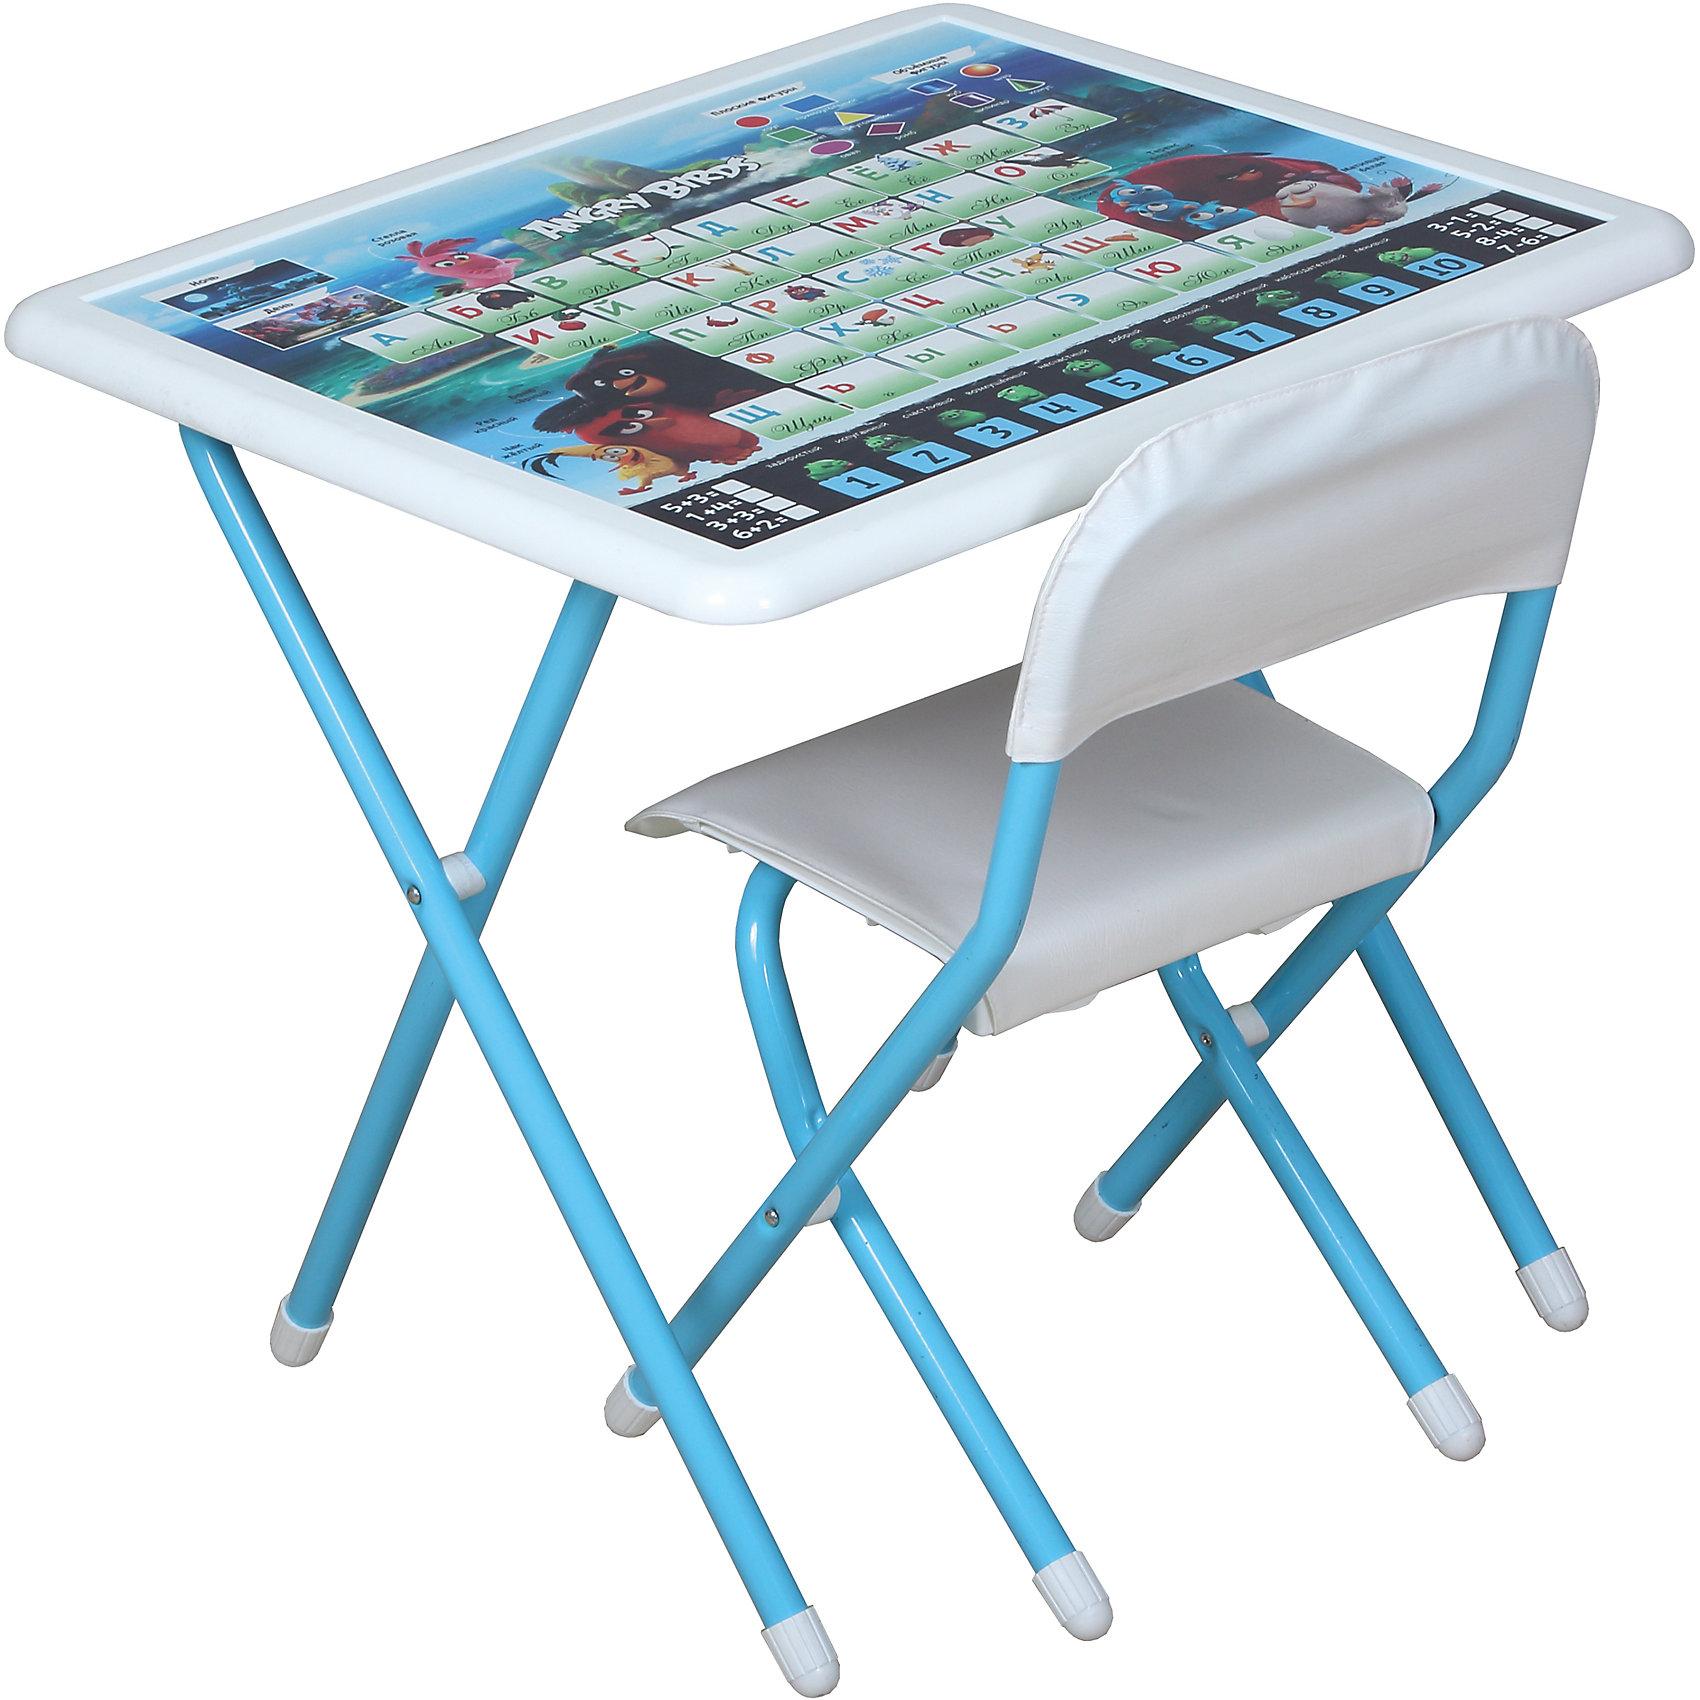 Набор складной мебели Энгри Бердс, ДэмиМебель<br>Набор складной мебели Энгри Бердс, Дэми.<br><br>Характеристики:<br><br>• Для детей в возрасте: от 3 до 7 лет<br>• В комплекте: складной стол и стульчик<br>• Материал: прочный пластик, металл, ЛДСП<br>• Цвет: белый, голубой<br>• Размер столешницы: 65х56 см.<br>• Высота стола: 58 см.<br>• Вес: 7 кг.<br><br>Комплект складной мебели 3 ростовой группы (для детей 3-7 лет) прекрасно впишется в интерьер любой детской. Стол, фактически, представляет собой 3 в 1: можно играть, можно есть, можно обучаться! На поверхность столешницы нанесены обучающие рисунки и любимые персонажи компьютерной игры Энгри Бердс, а по периметру размещен безопасный бампер. Ваш ребенок выучит алфавит и цифры от 1 до 10, научится решать простые примеры, познакомится с геометрическими фигурами, узнает о частях суток (день, ночь). Все материалы, используемые при изготовлении набора, соответствуют ГОСТам, и абсолютно безопасны для здоровья Вашего малыша. Рабочая поверхность стола, сиденье и спинка стула сделаны из прочной пластмассы, края закруглены.  Устойчивые металлические ножки имеют пластмассовые заглушки. Кроме этого, за мебелью очень легко ухаживать. Вы сможете приучать ребенка к порядку с самых ранних лет. Детям наверняка очень понравится этот комплект - настоящий детский рабочий кабинет, а родители, несомненно, оценят его компактность.<br><br>Набор складной мебели Энгри Бердс, Дэми можно купить в нашем интернет-магазине.<br><br>Ширина мм: 770<br>Глубина мм: 740<br>Высота мм: 140<br>Вес г: 8000<br>Возраст от месяцев: 36<br>Возраст до месяцев: 84<br>Пол: Унисекс<br>Возраст: Детский<br>SKU: 5569672